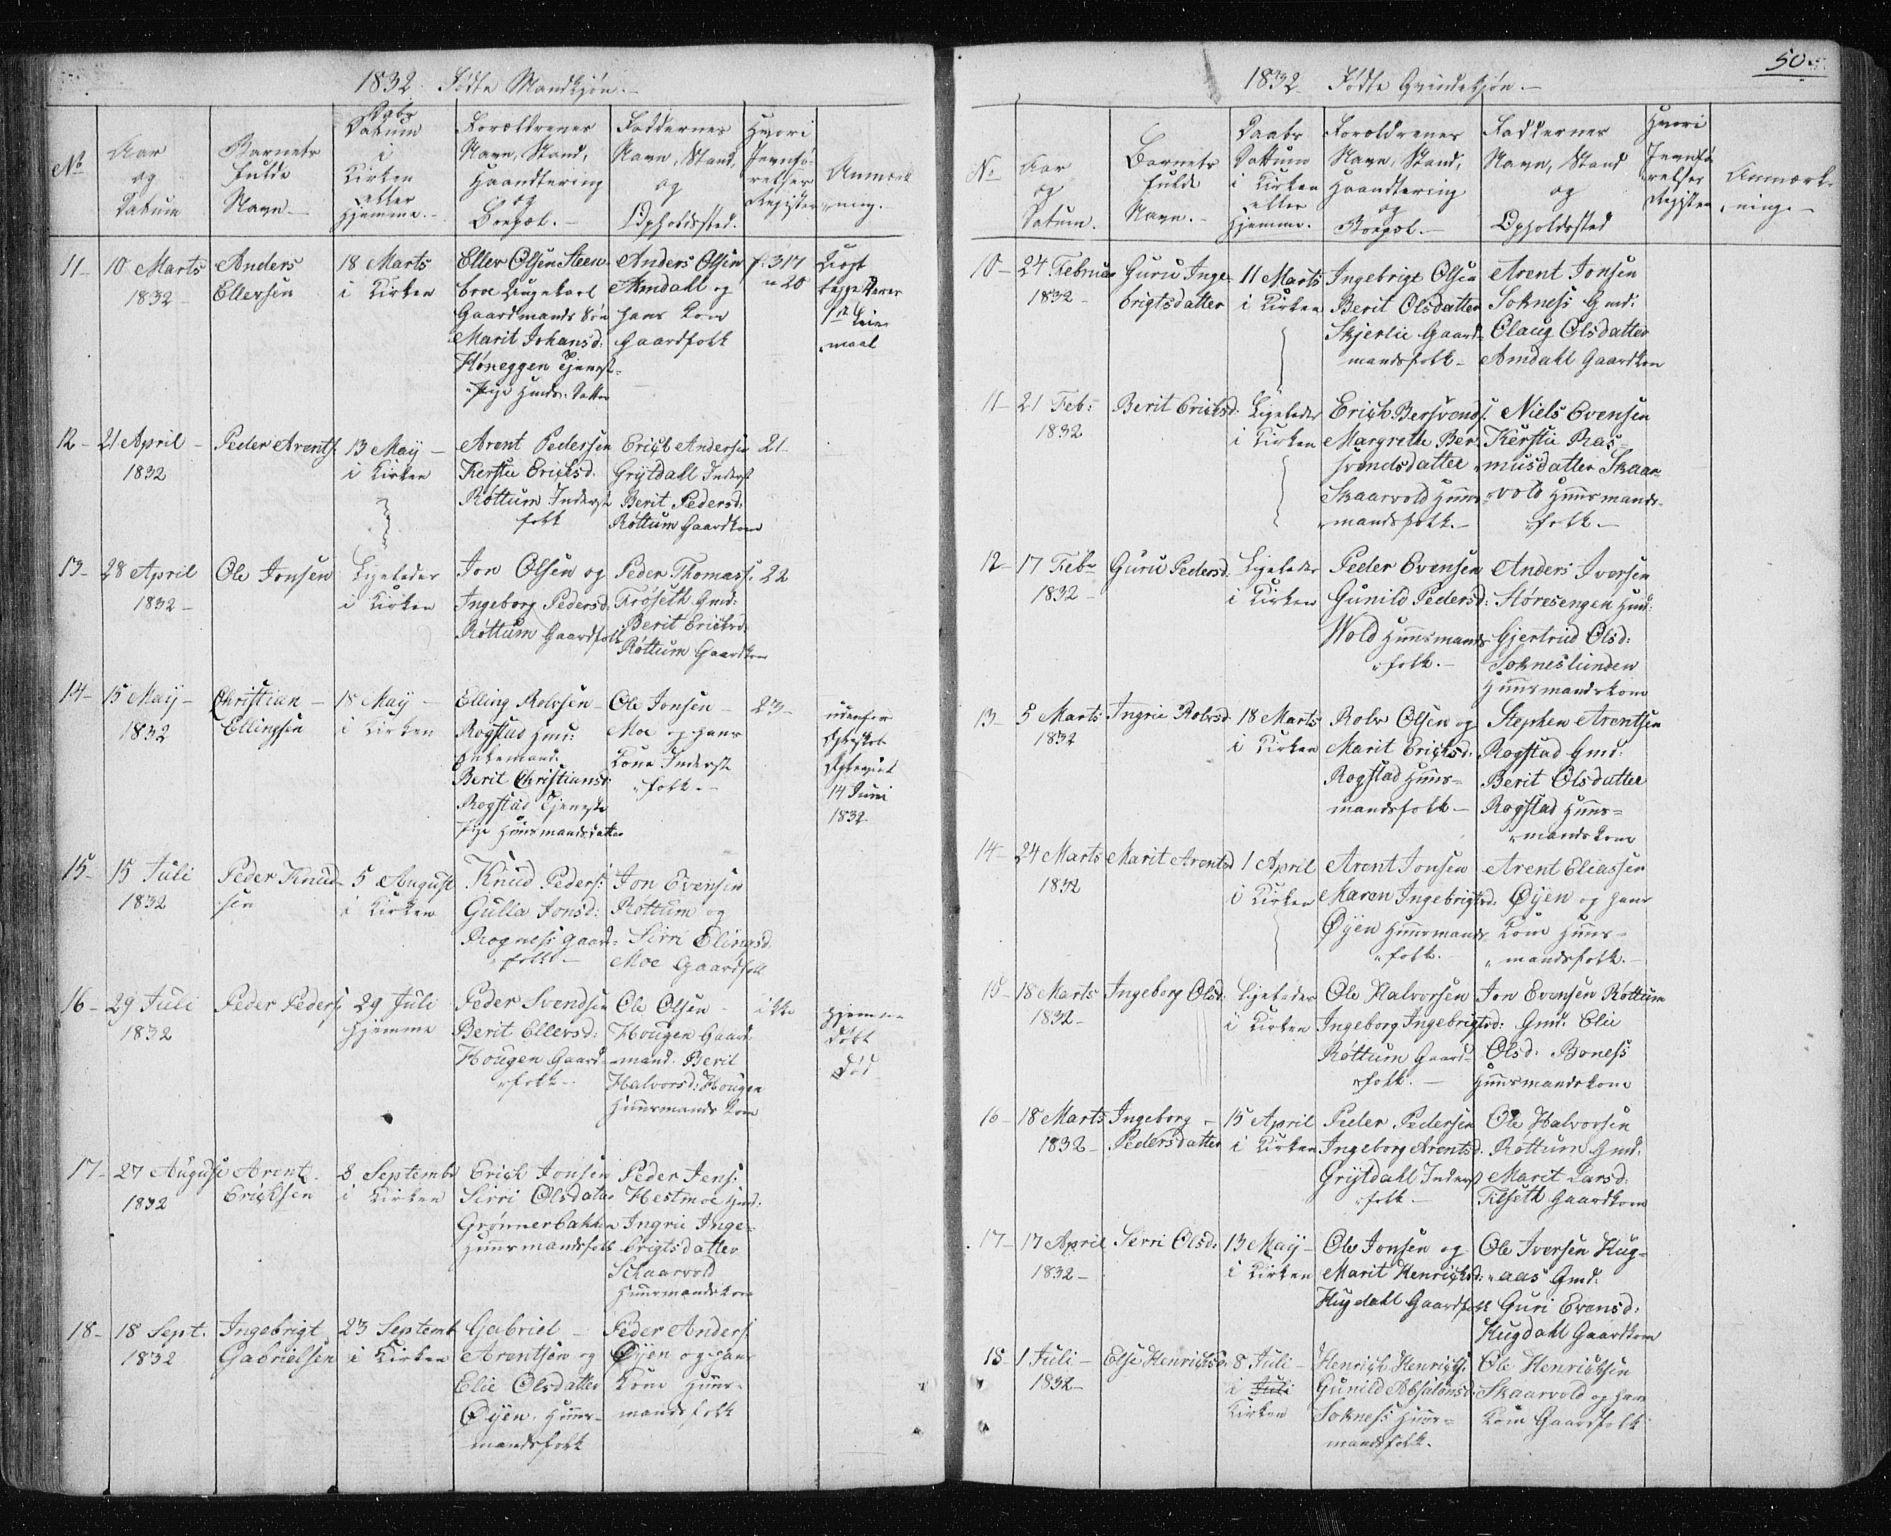 SAT, Ministerialprotokoller, klokkerbøker og fødselsregistre - Sør-Trøndelag, 687/L1017: Klokkerbok nr. 687C01, 1816-1837, s. 50